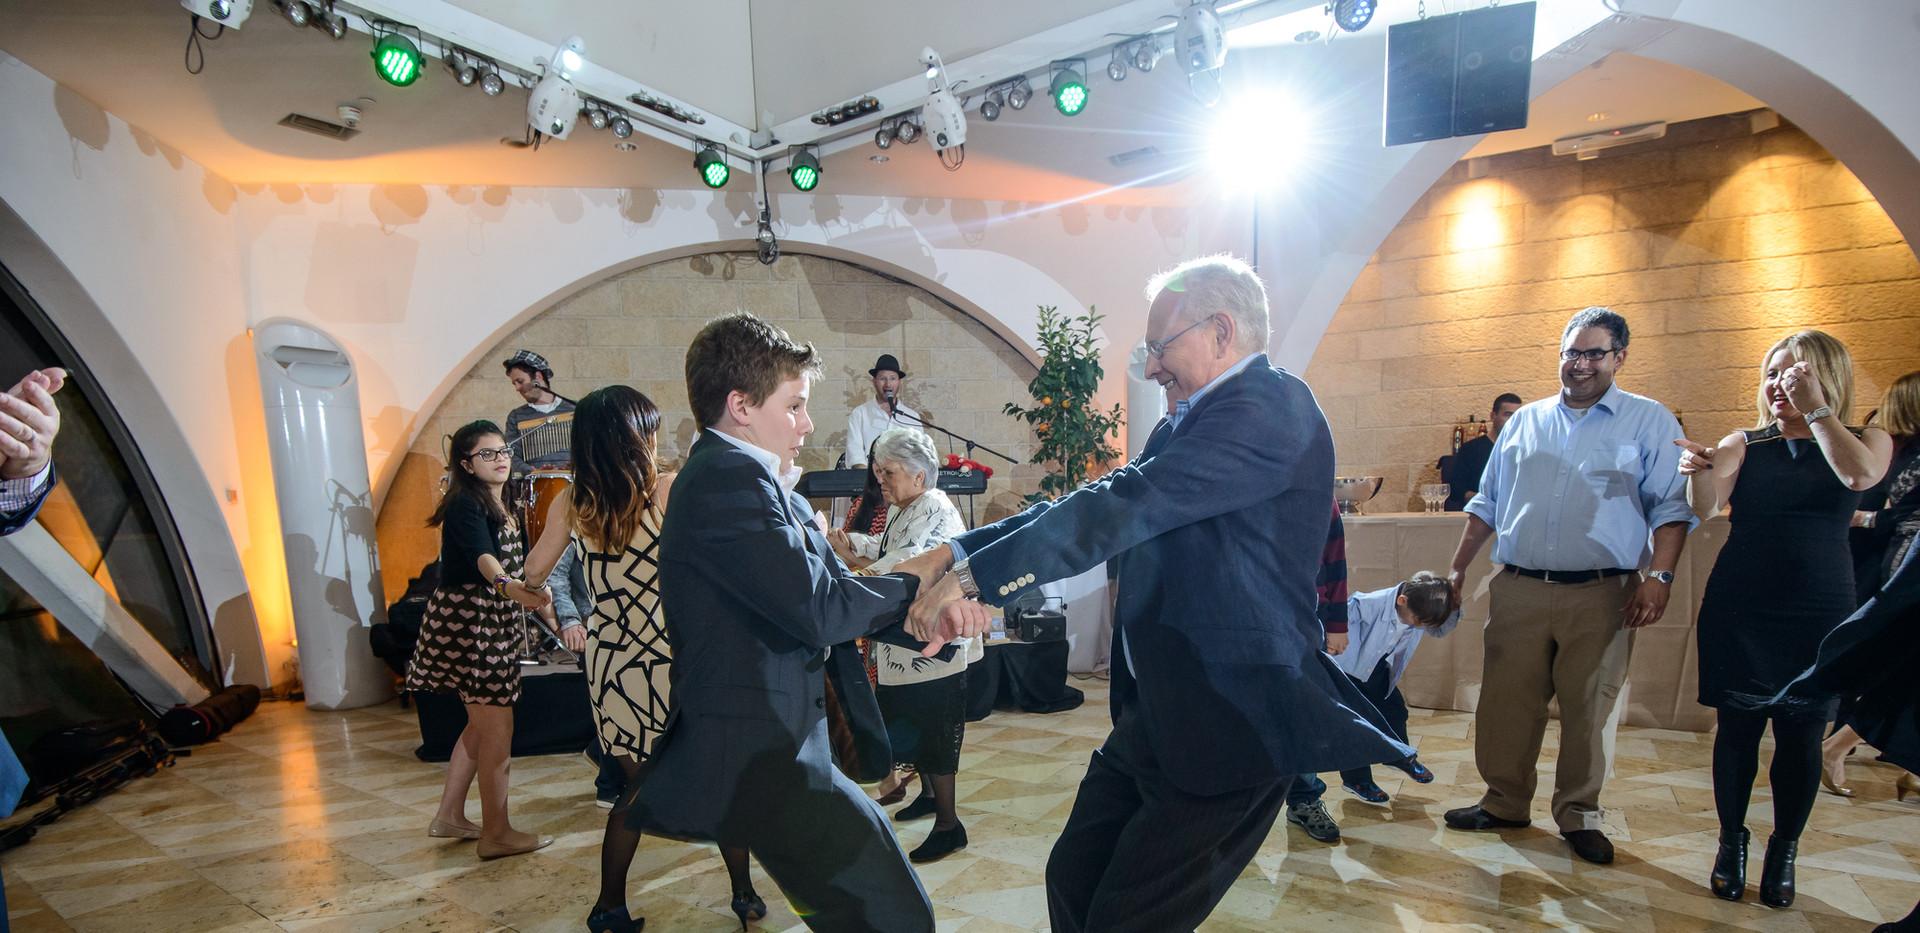 Bar Mitzah boy dances with uncle at Beit Shmuel